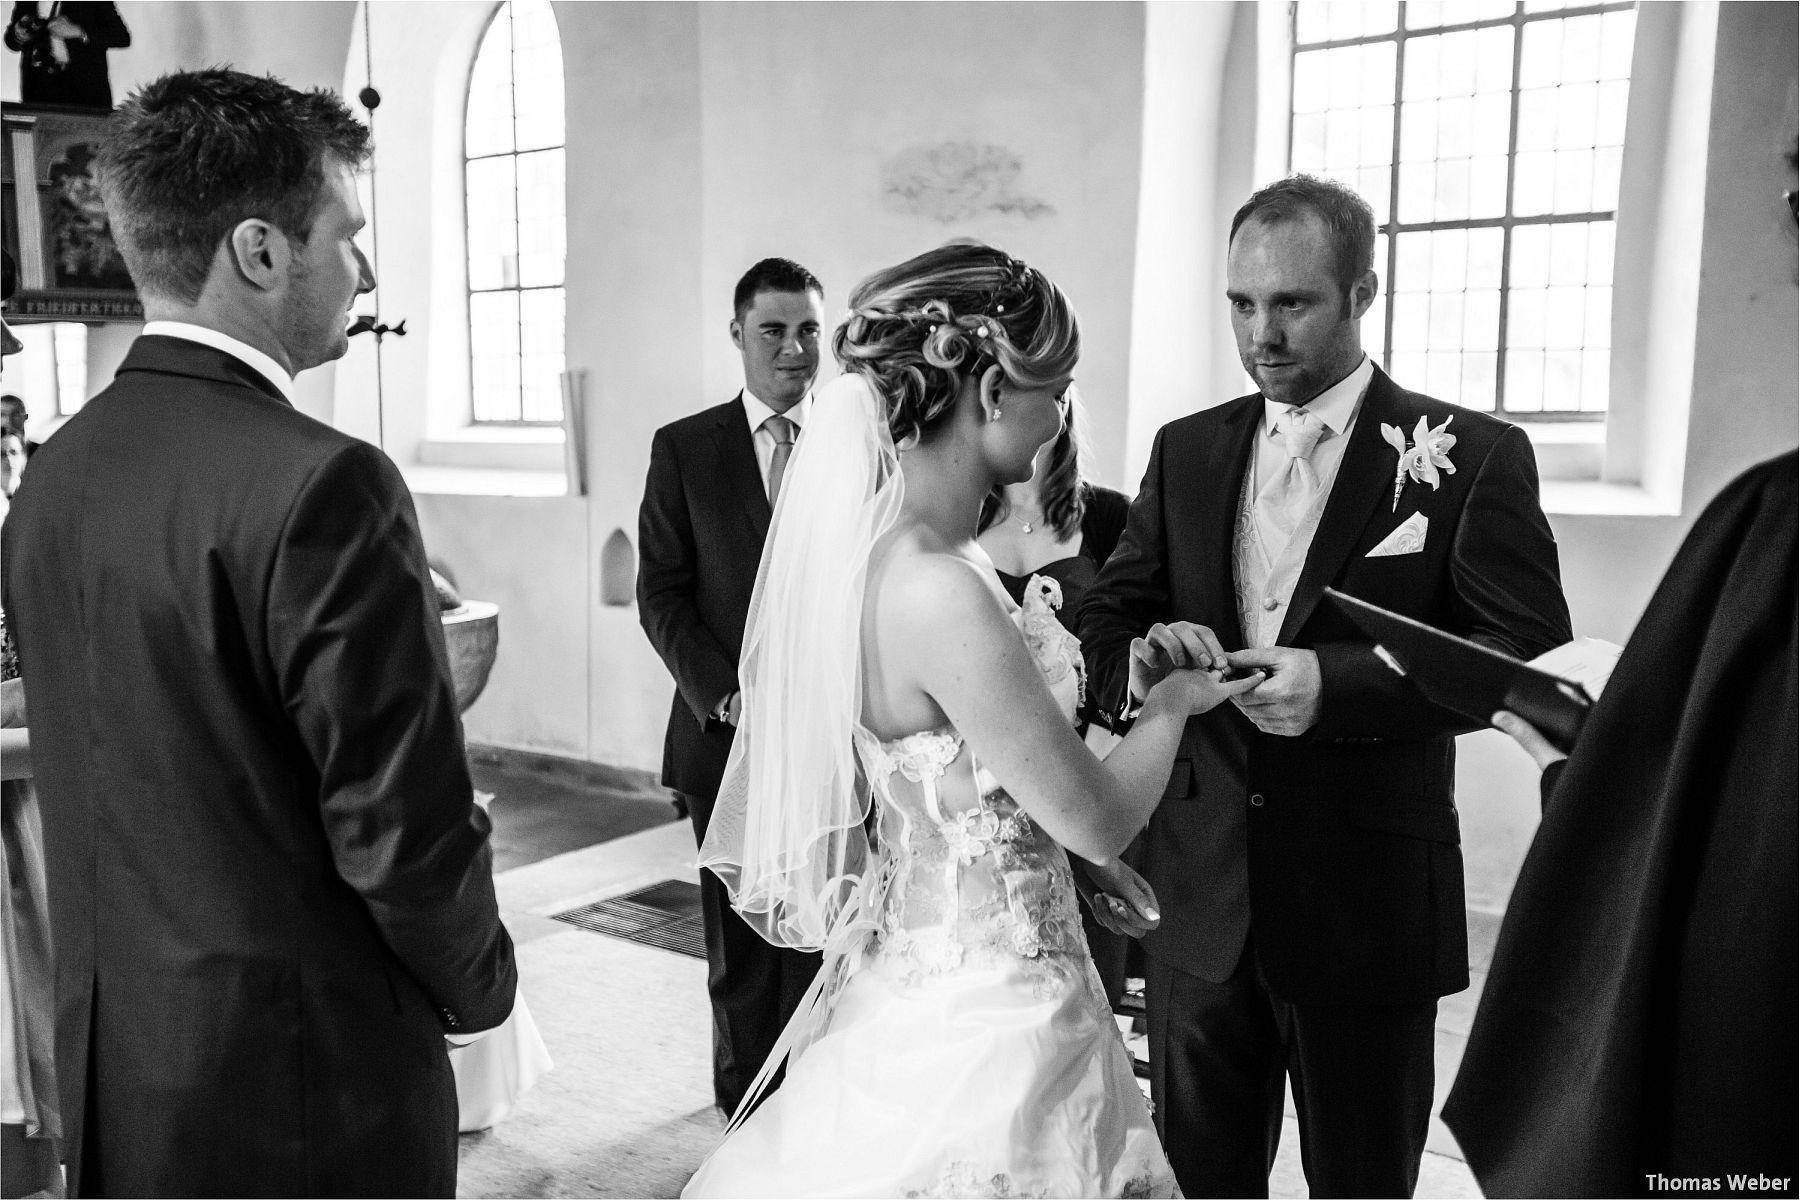 Hochzeitsfotograf Papenburg: Standesamtliche Trauung auf der Burg Kniphausen und Feier im Le Patron am Meer (43)